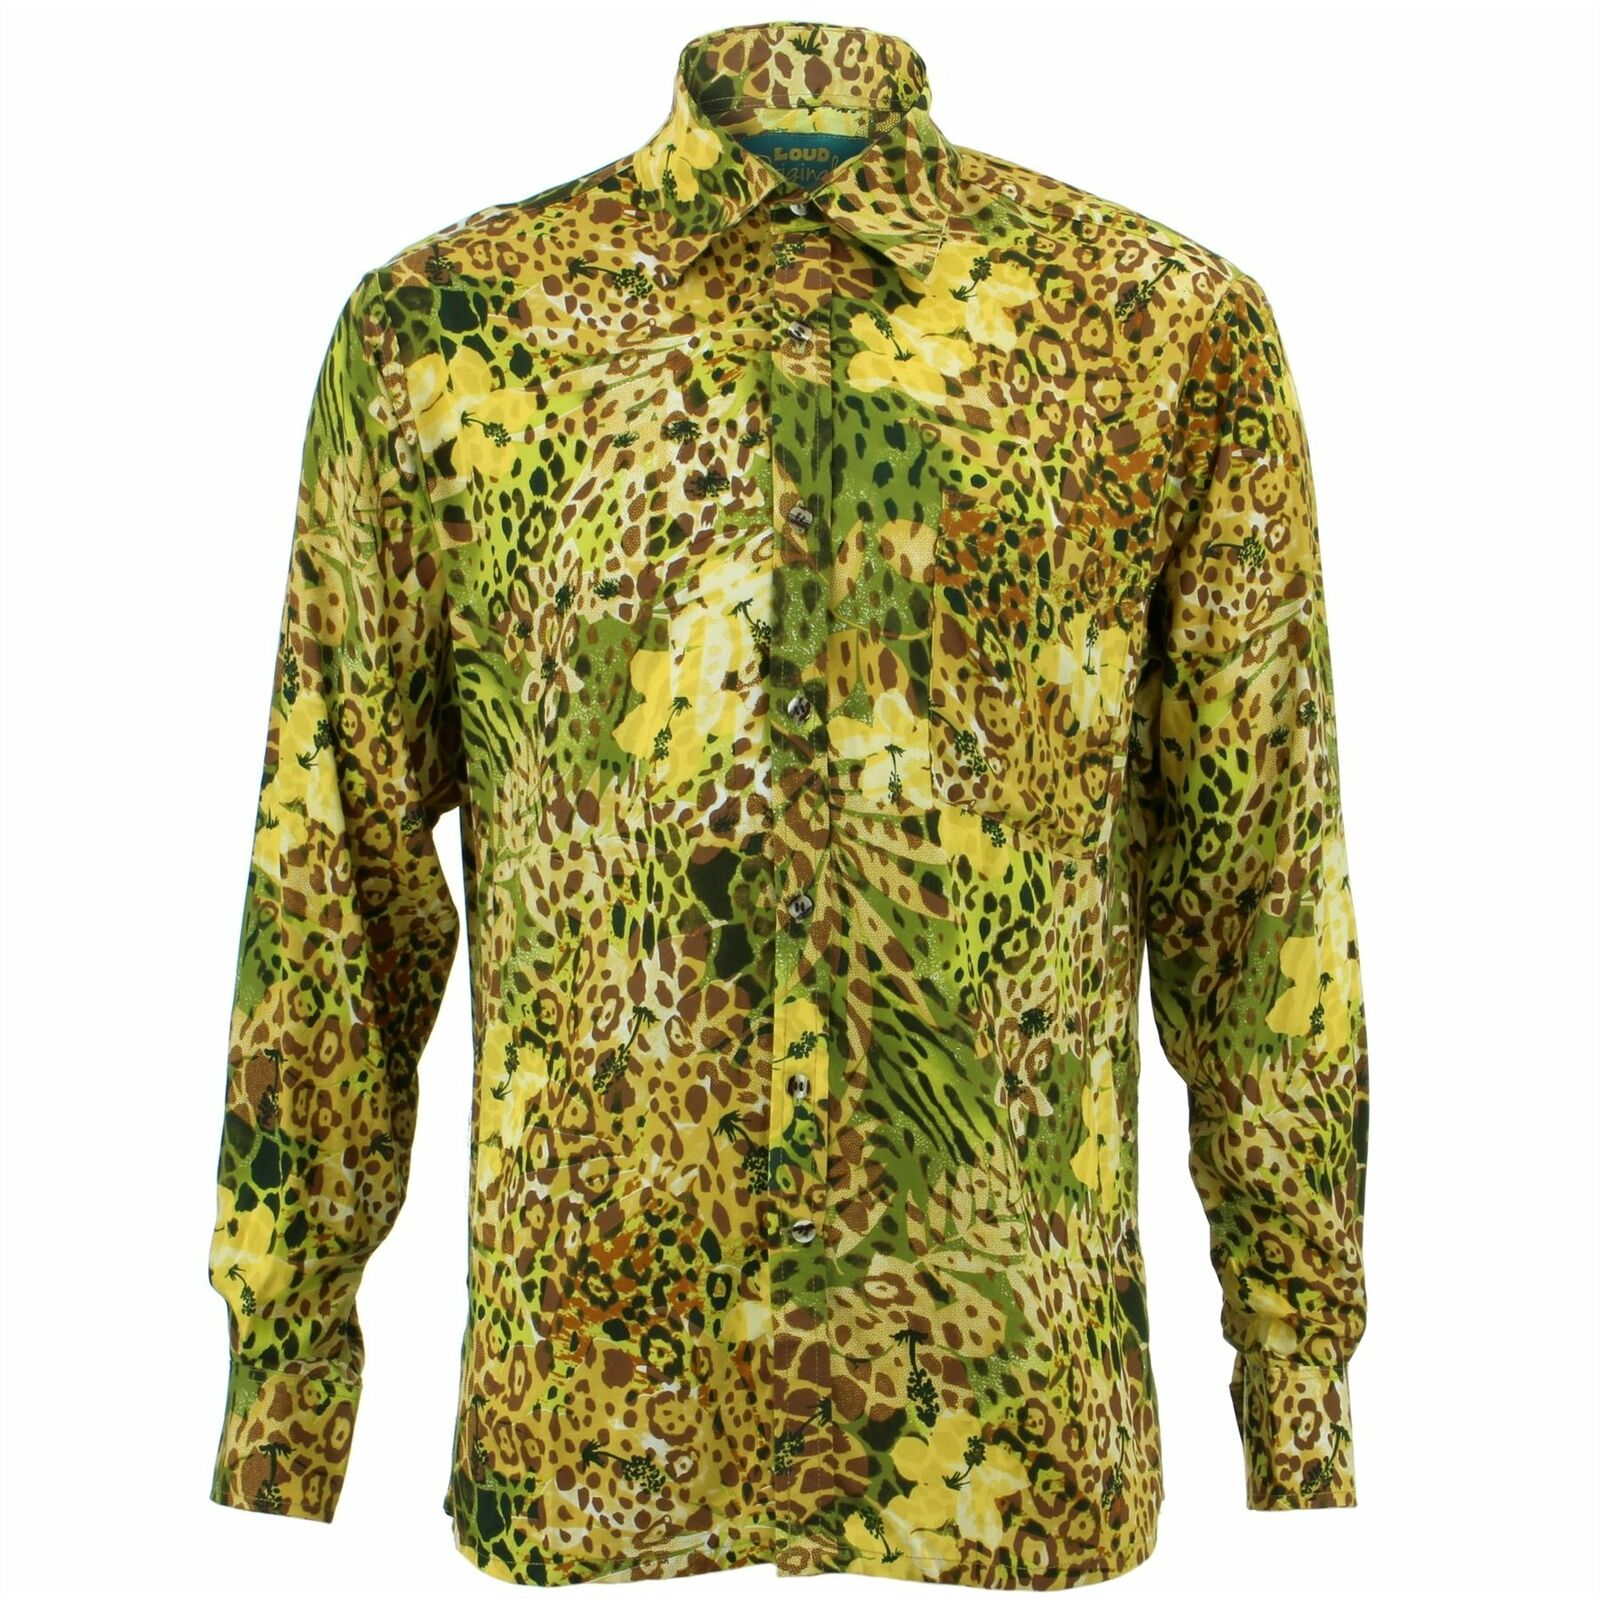 Mens Shirt Loud Originals REGULAR FIT Animal Grün Retro Psychedelic Fancy  | Für Ihre Wahl